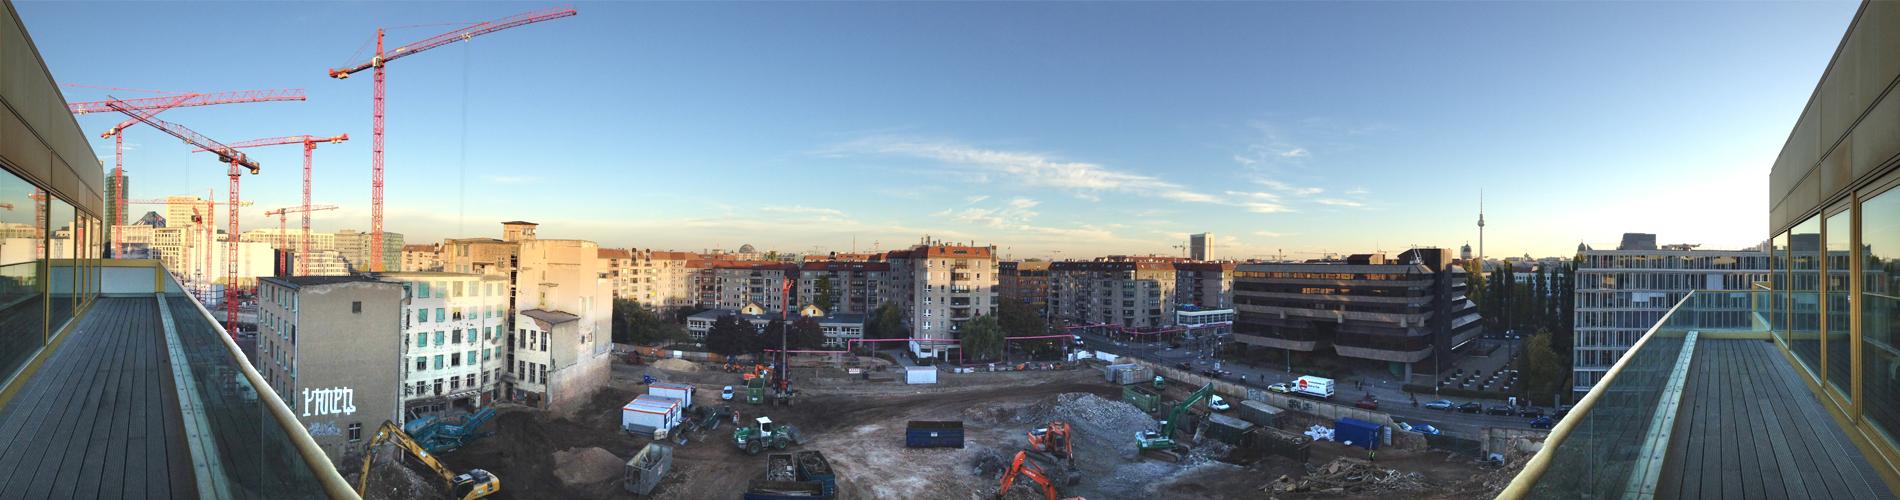 Mitte-Panorama